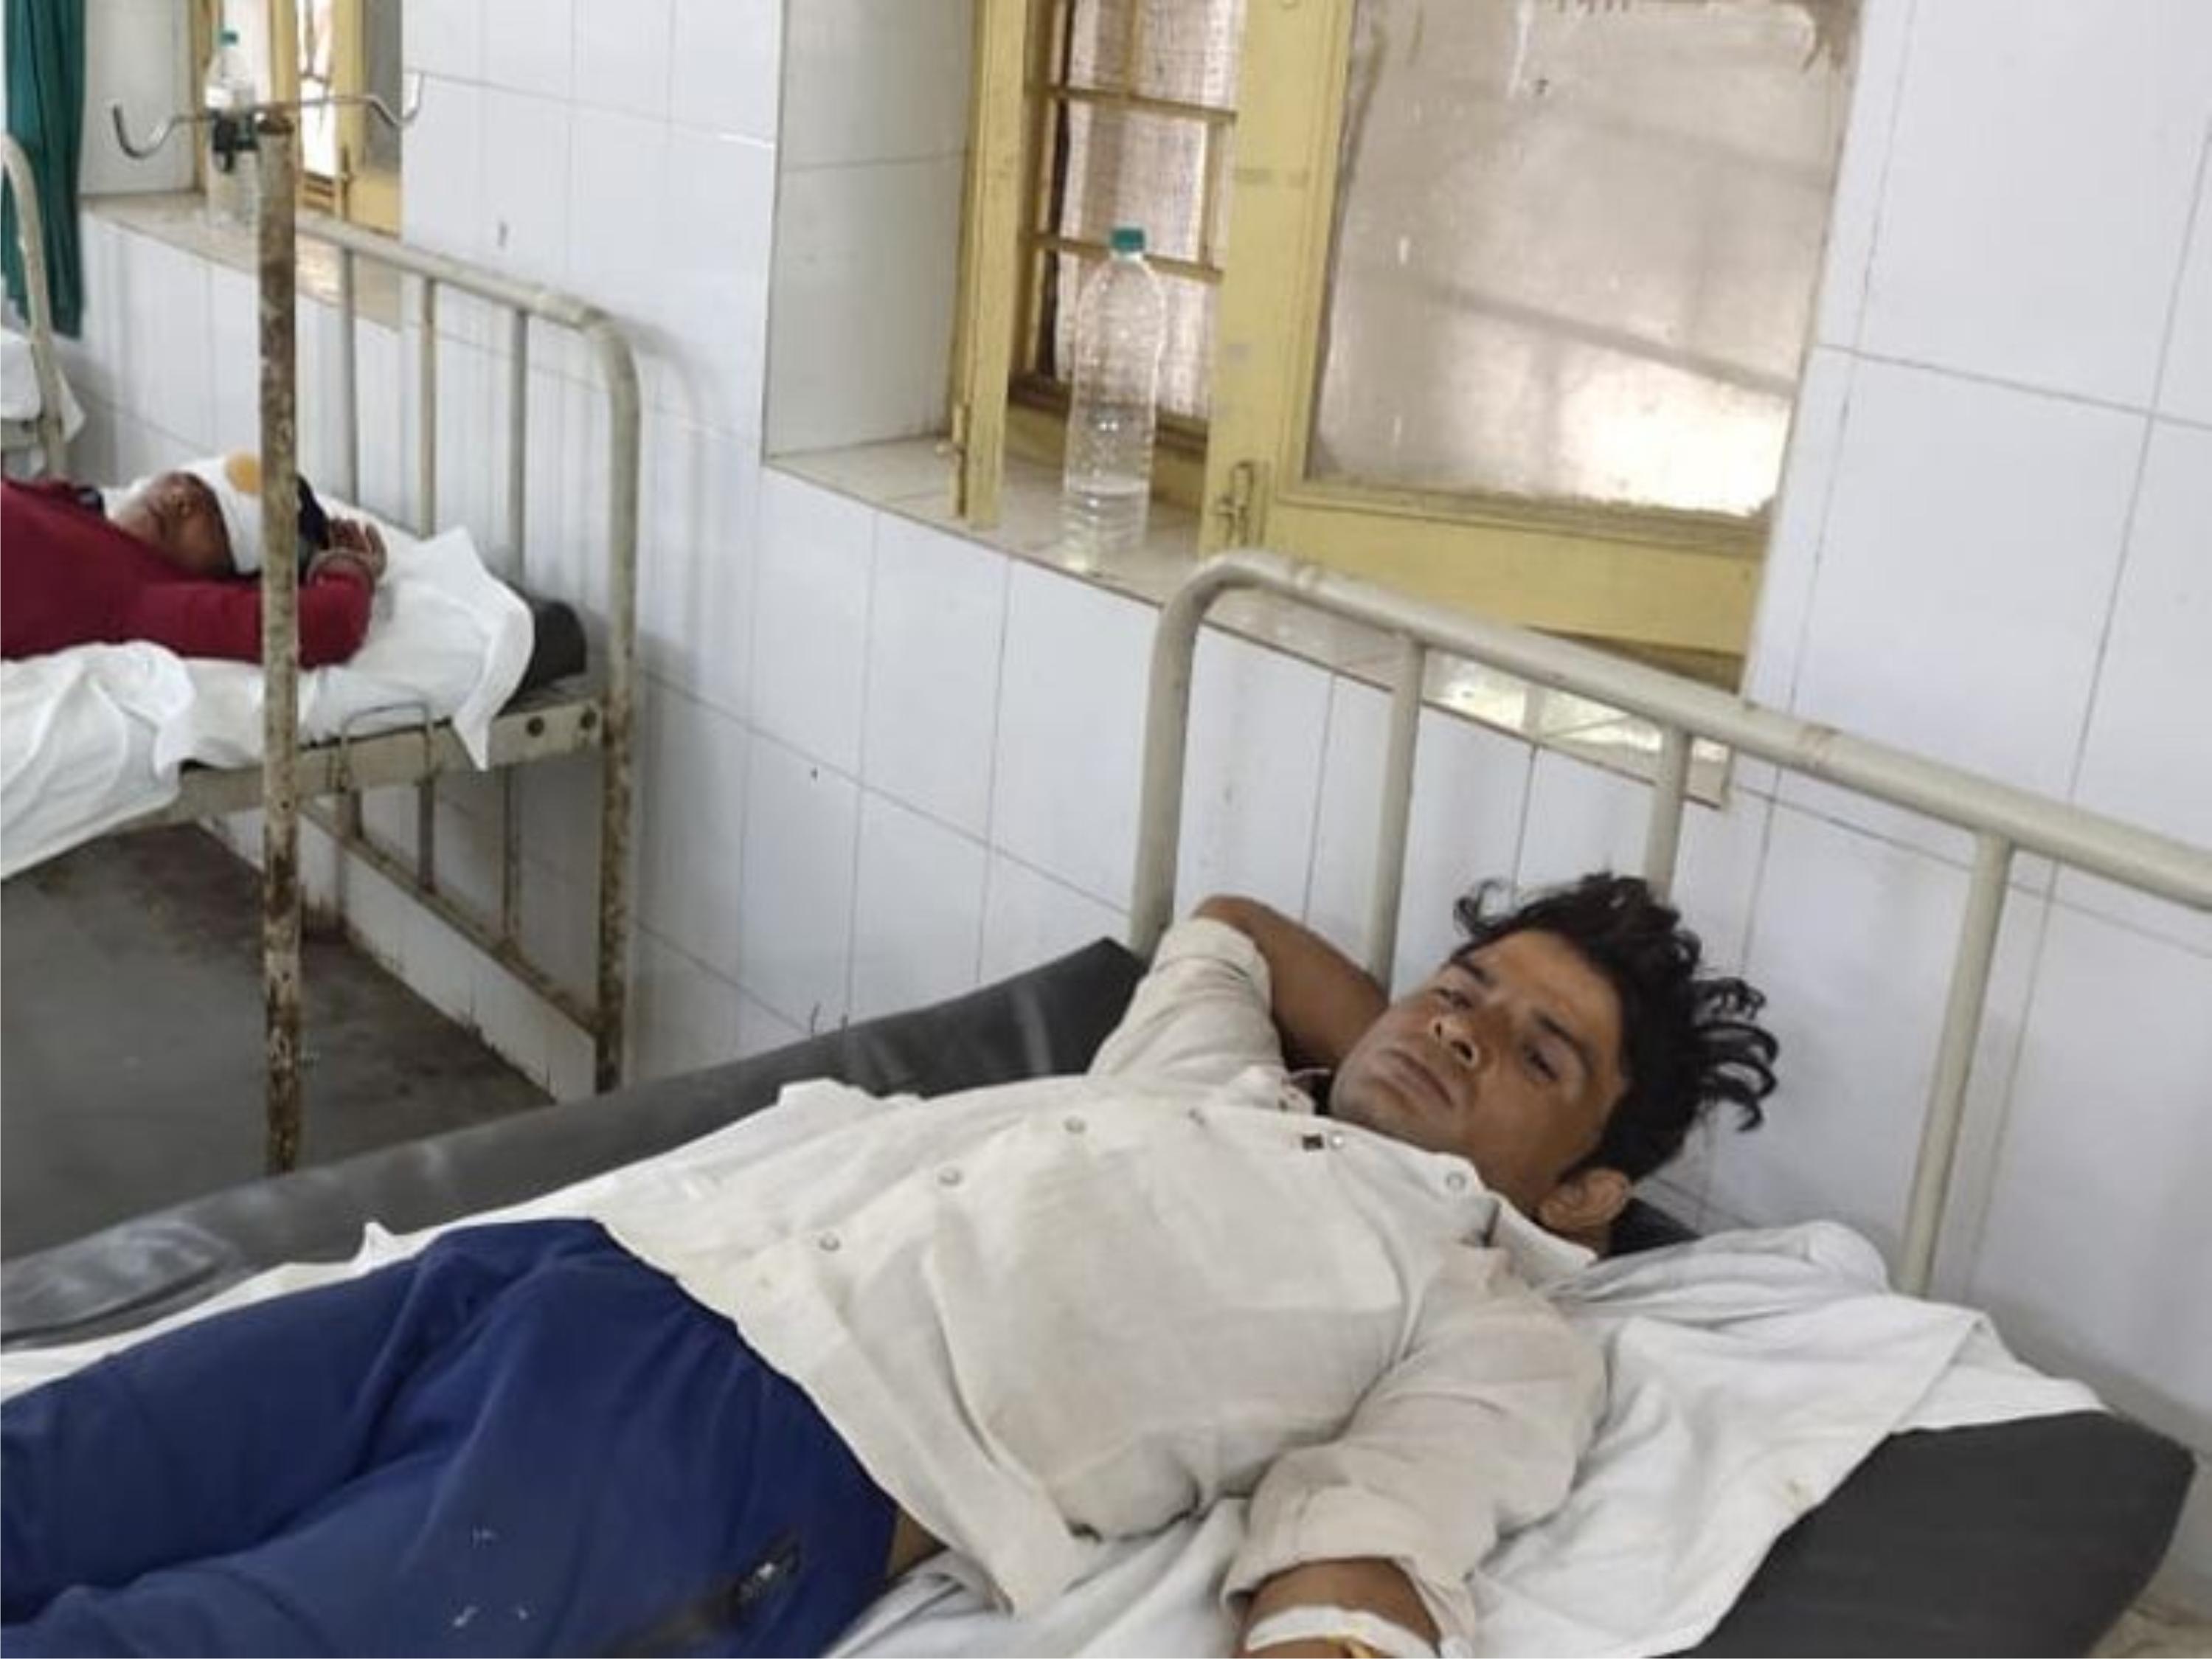 खूनी संघर्ष : दो पक्षों में फायरिंग-पथराव में एक पक्ष के देवर-भाभी हुए घायल, गांव में दहशत का माहौल